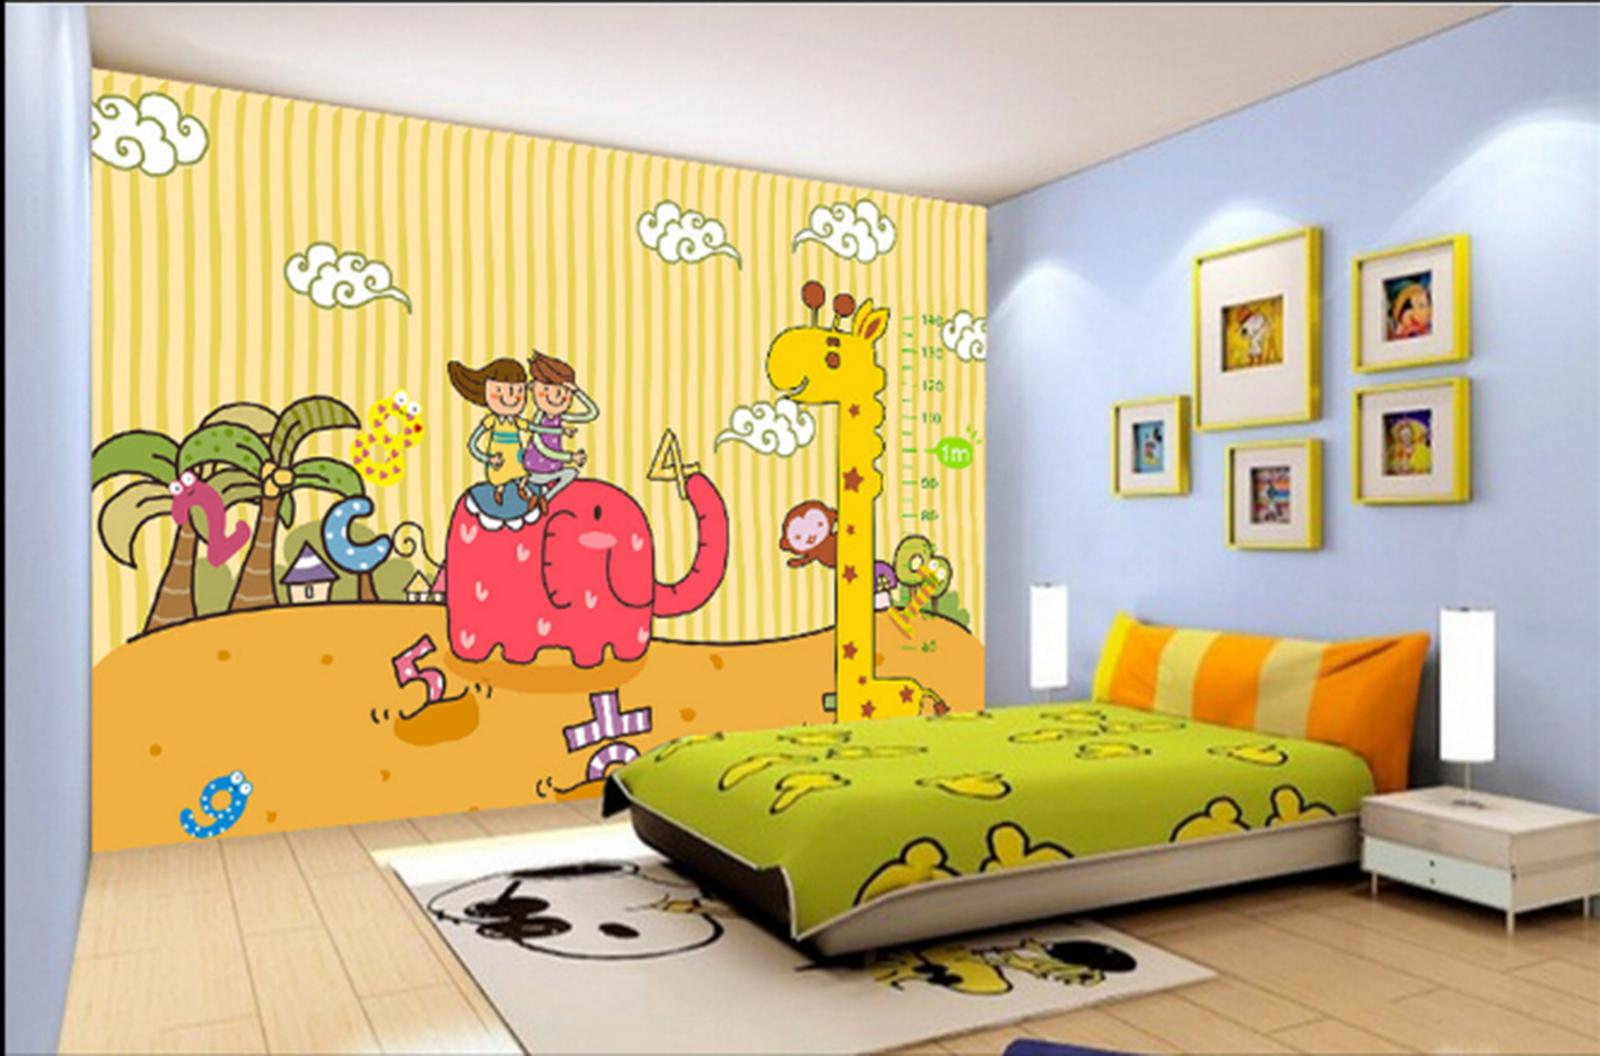 3D Tierischer Tierischer Tierischer Himmel 688 Tapete Wandgemälde Tapeten Bild Familie DE Summer | Glücklicher Startpunkt  | Auf Verkauf  | Ideales Geschenk für alle Gelegenheiten  261c50